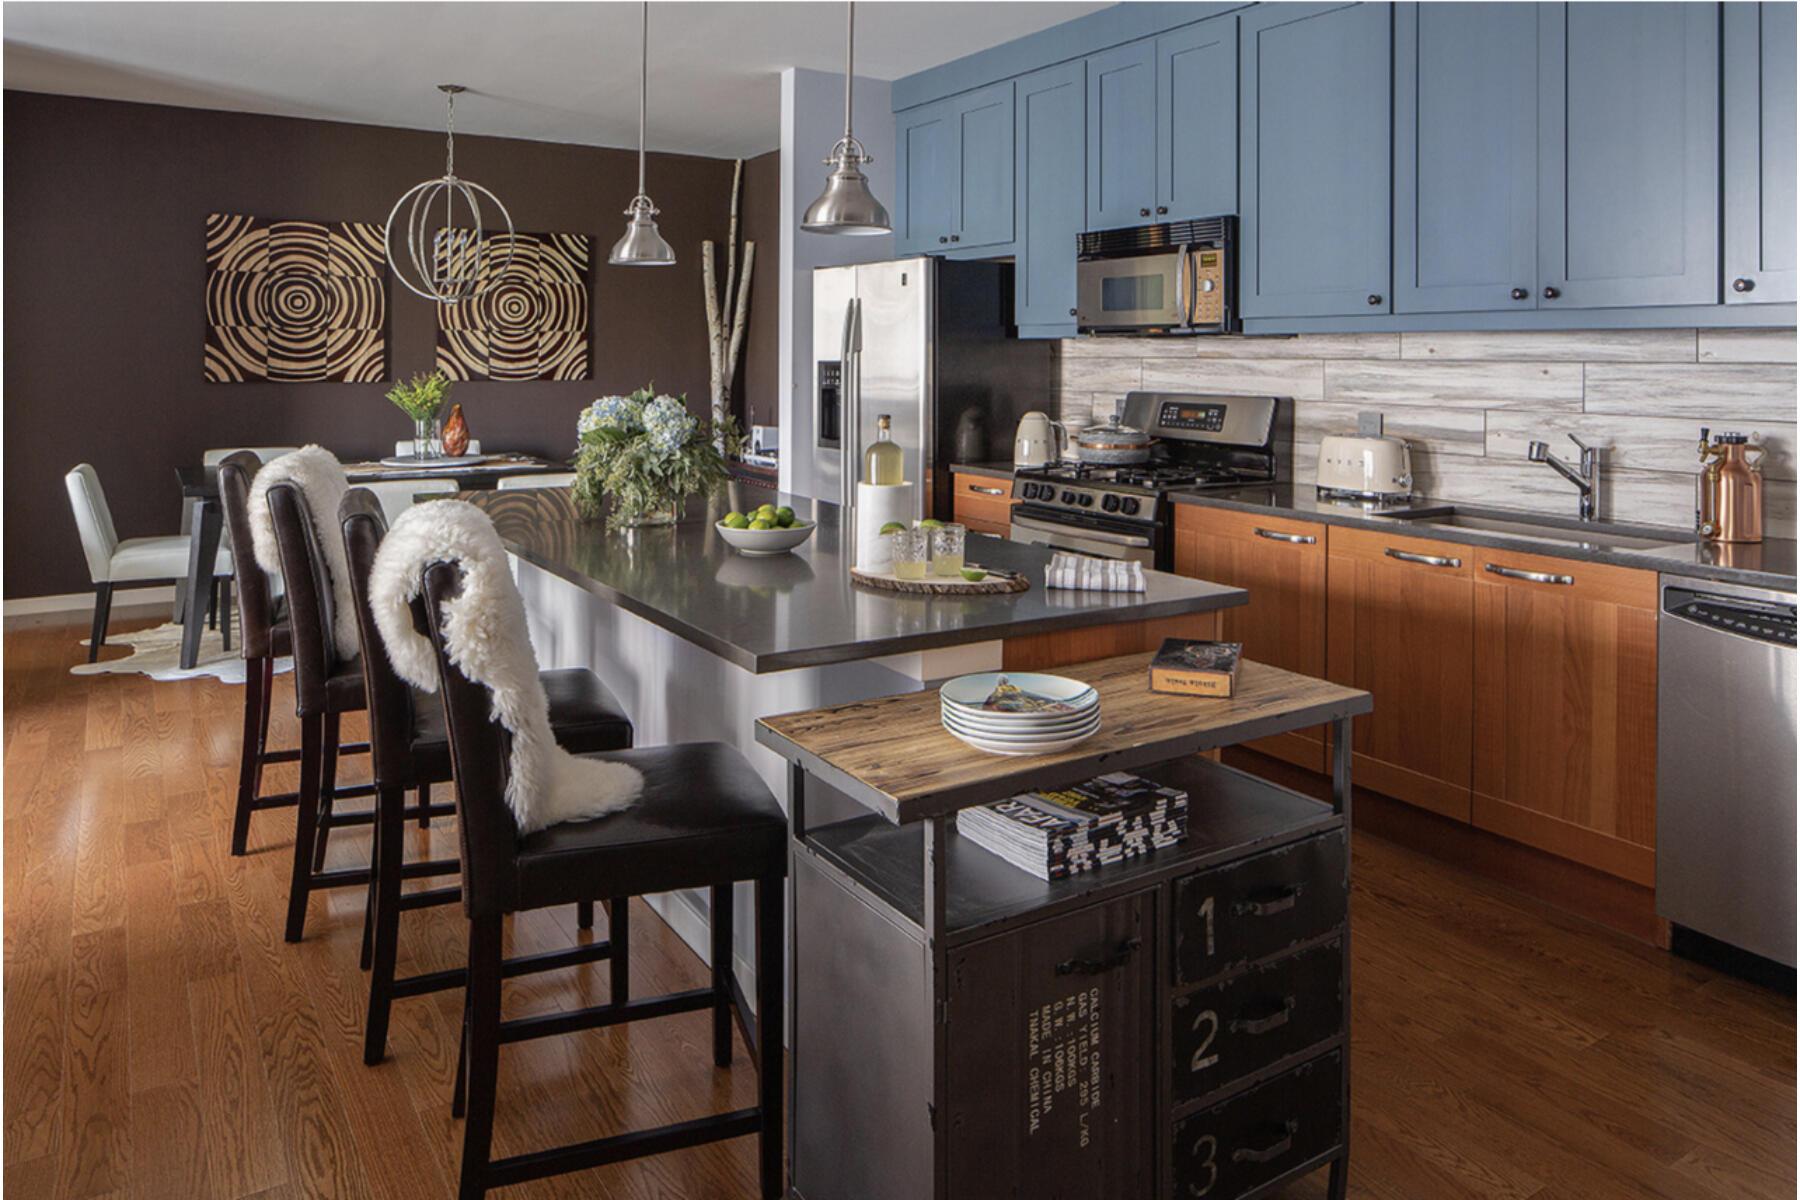 Kitchen with Alternate Decor